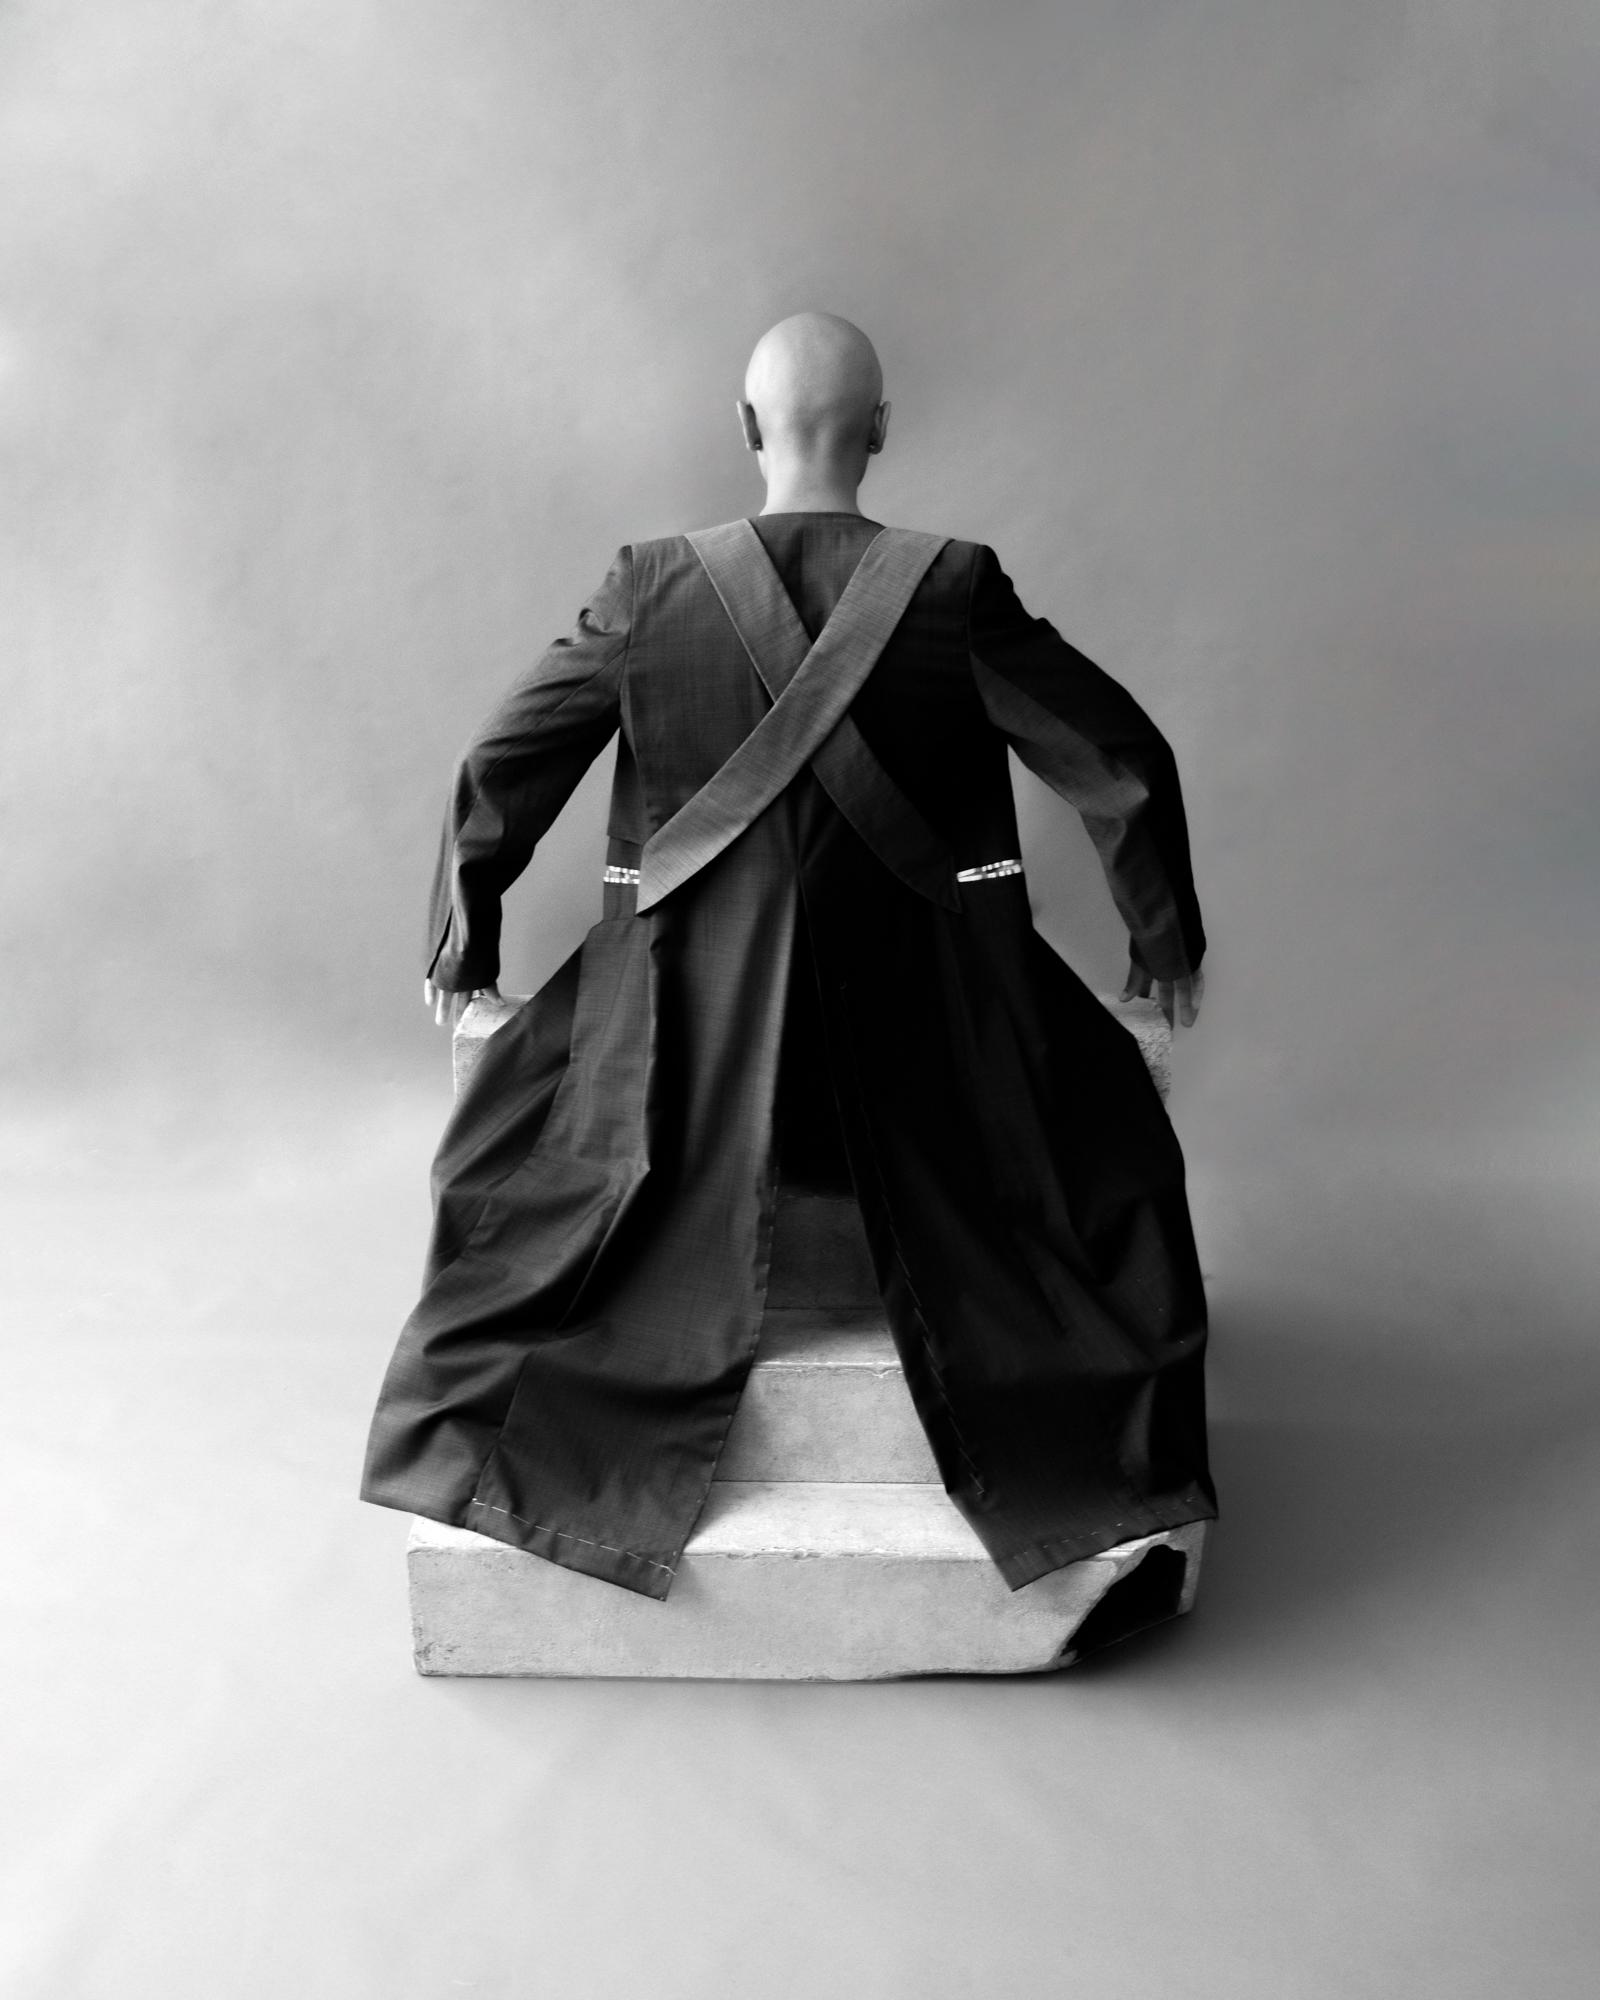 Black & white fotografia, ritratto, studio, corpo, uomo, moda, NYC, USA